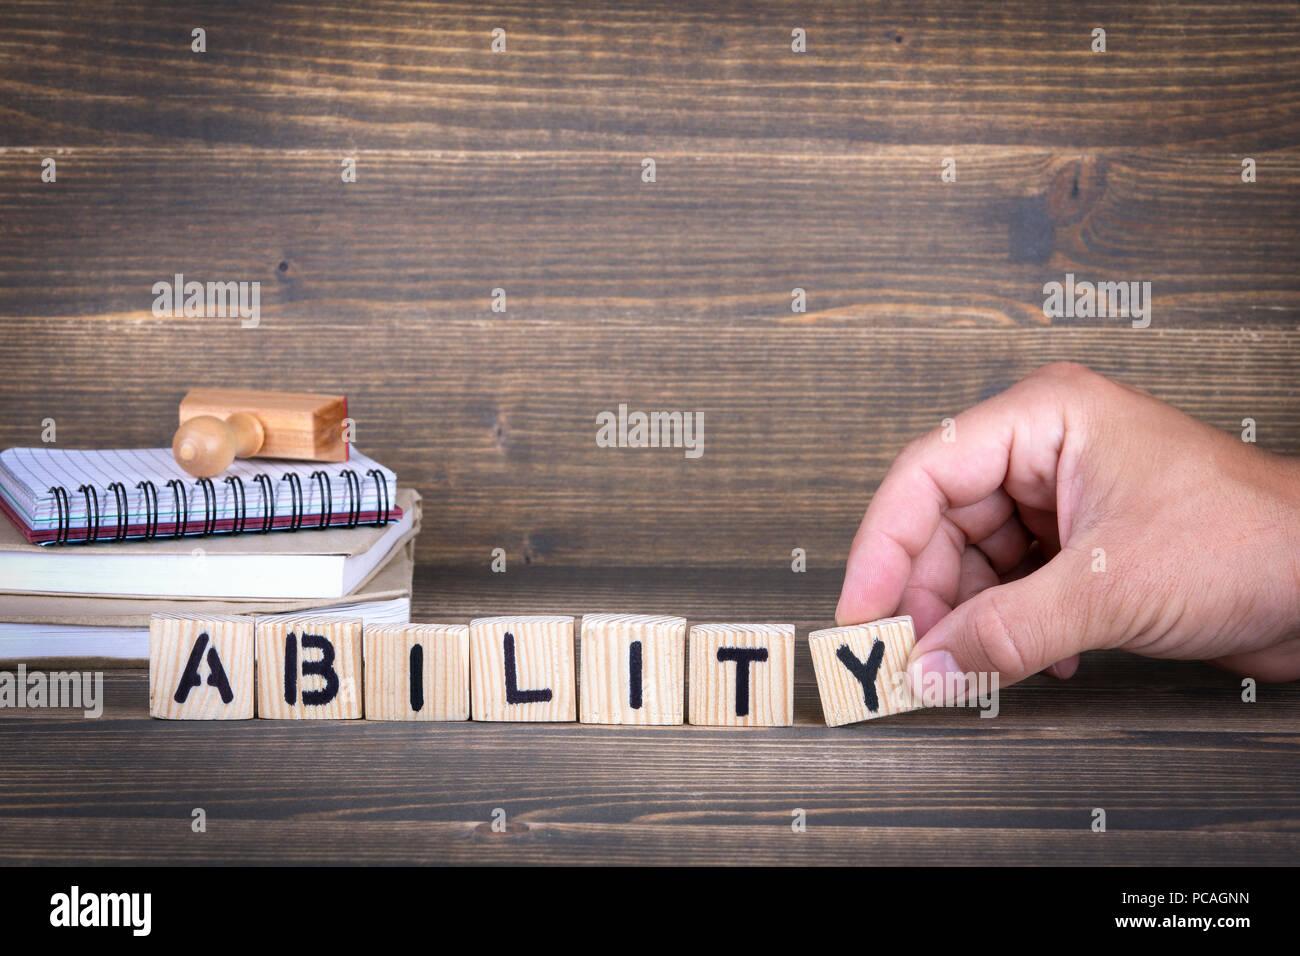 Habilidad. letras de madera sobre el escritorio de la oficina Imagen De Stock